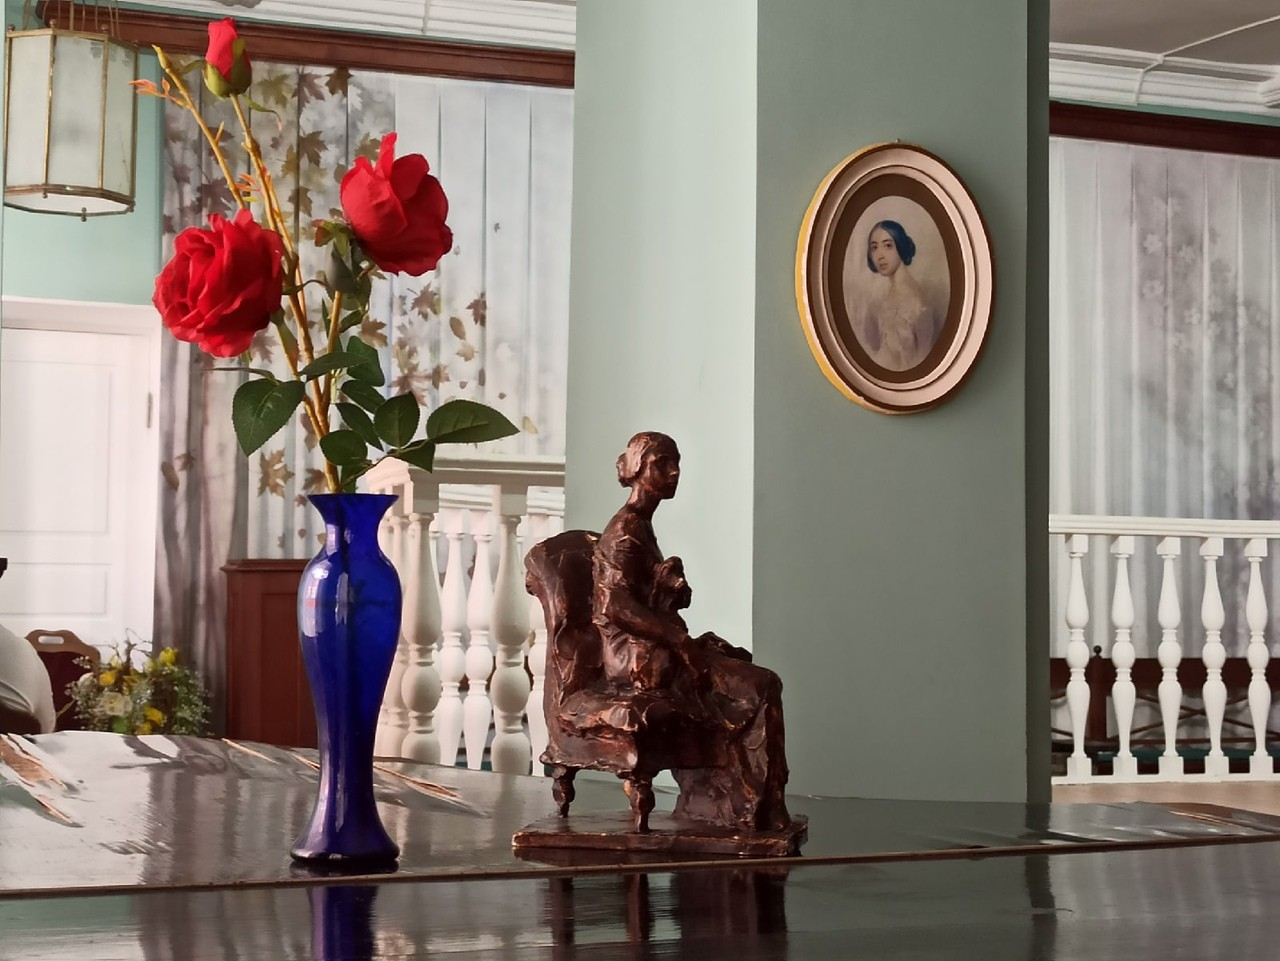 Праздник в честь 200-летия Полины Виардо в музее И. С. Тургенева